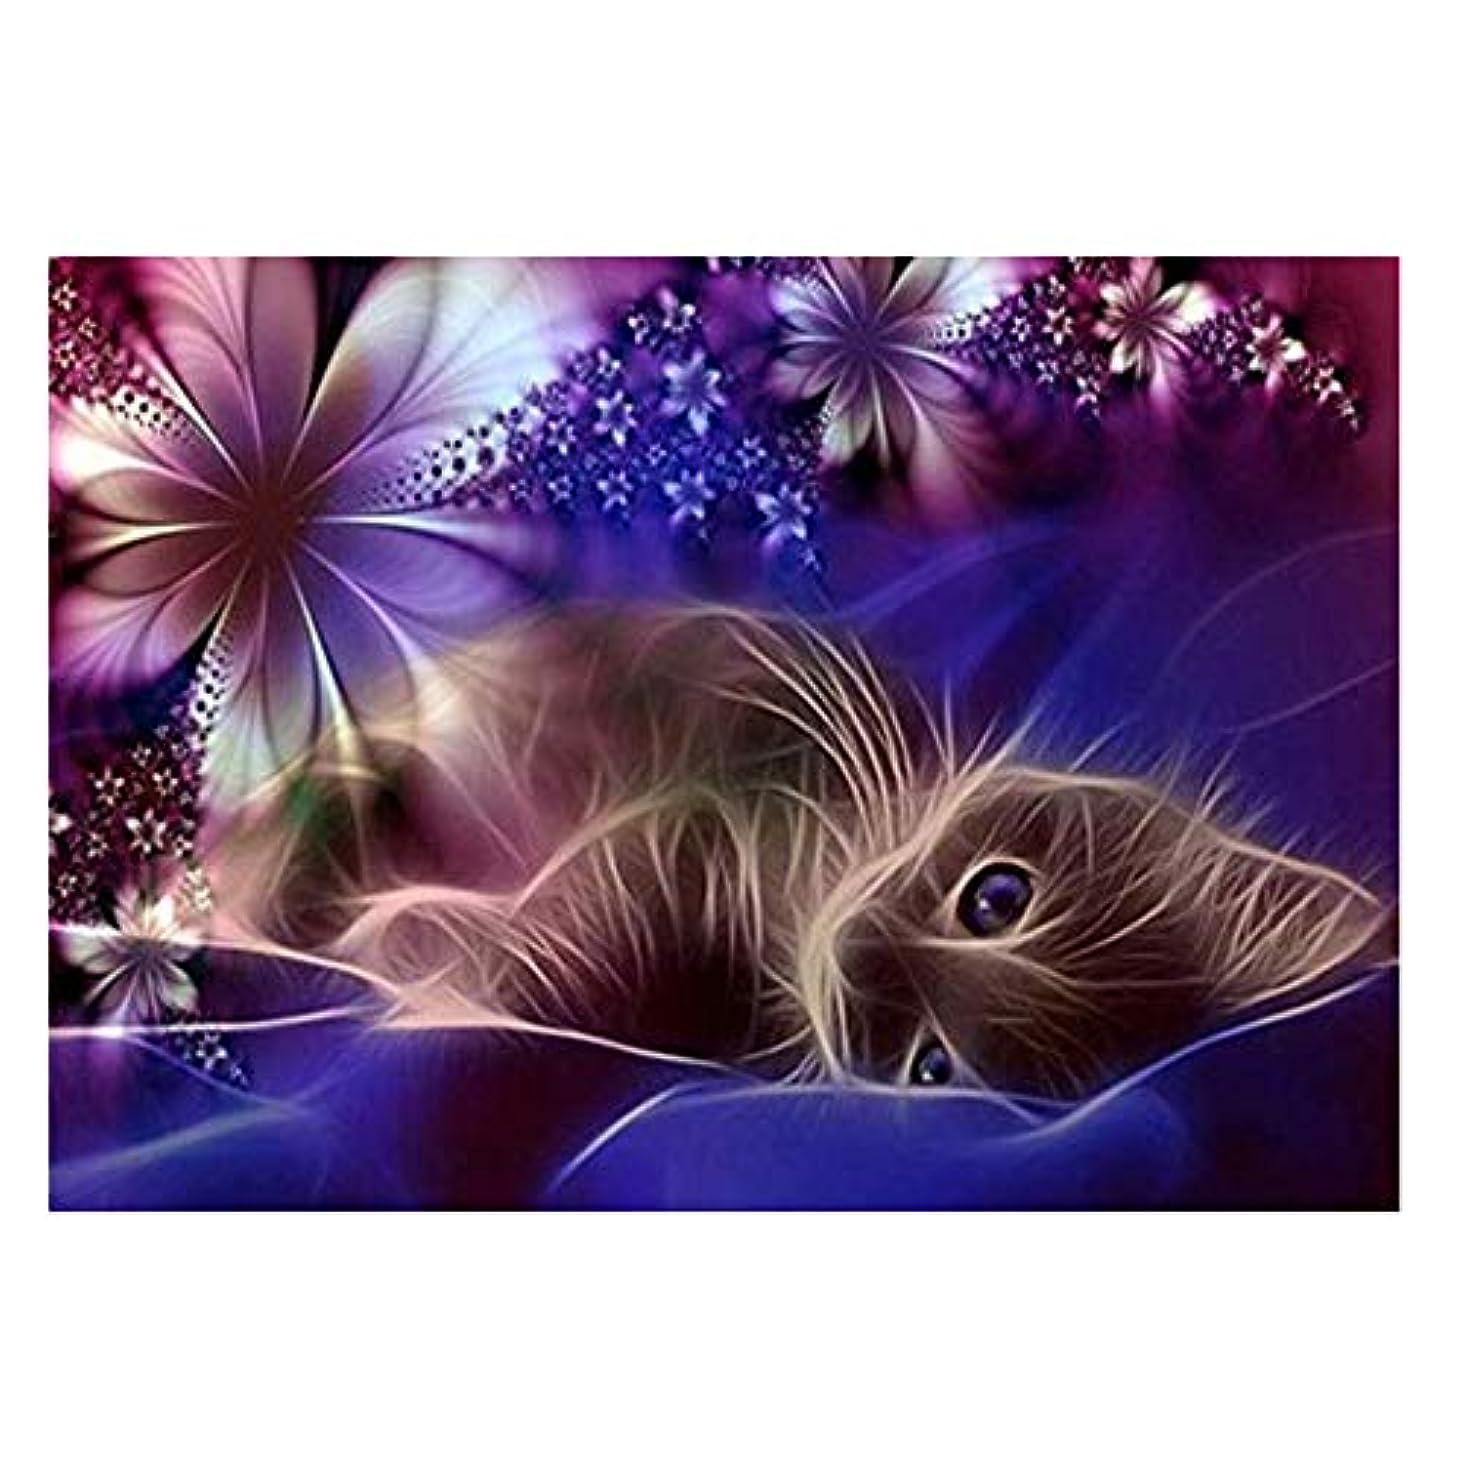 物理的な泣き叫ぶレタッチ5D 手作りダイヤモンド絵画?30×40cmかわいい猫5Dダイヤモンドペインティングるまインテリア プレゼント ホーム レストラン 壁掛け 装飾 (マルチカラー)